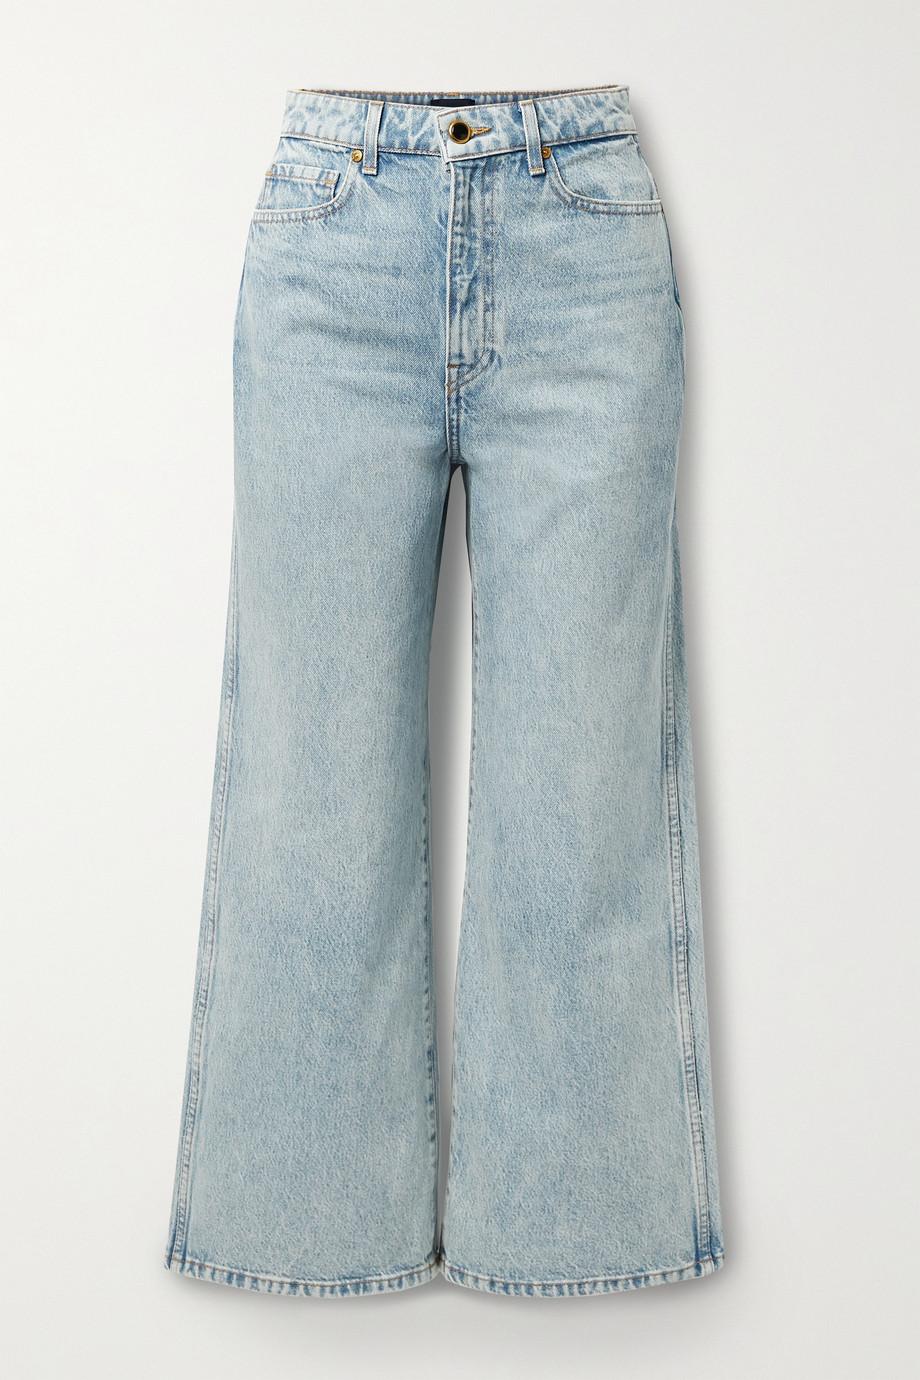 Khaite Ella hoch sitzende, verkürzte Jeans mit weitem Bein